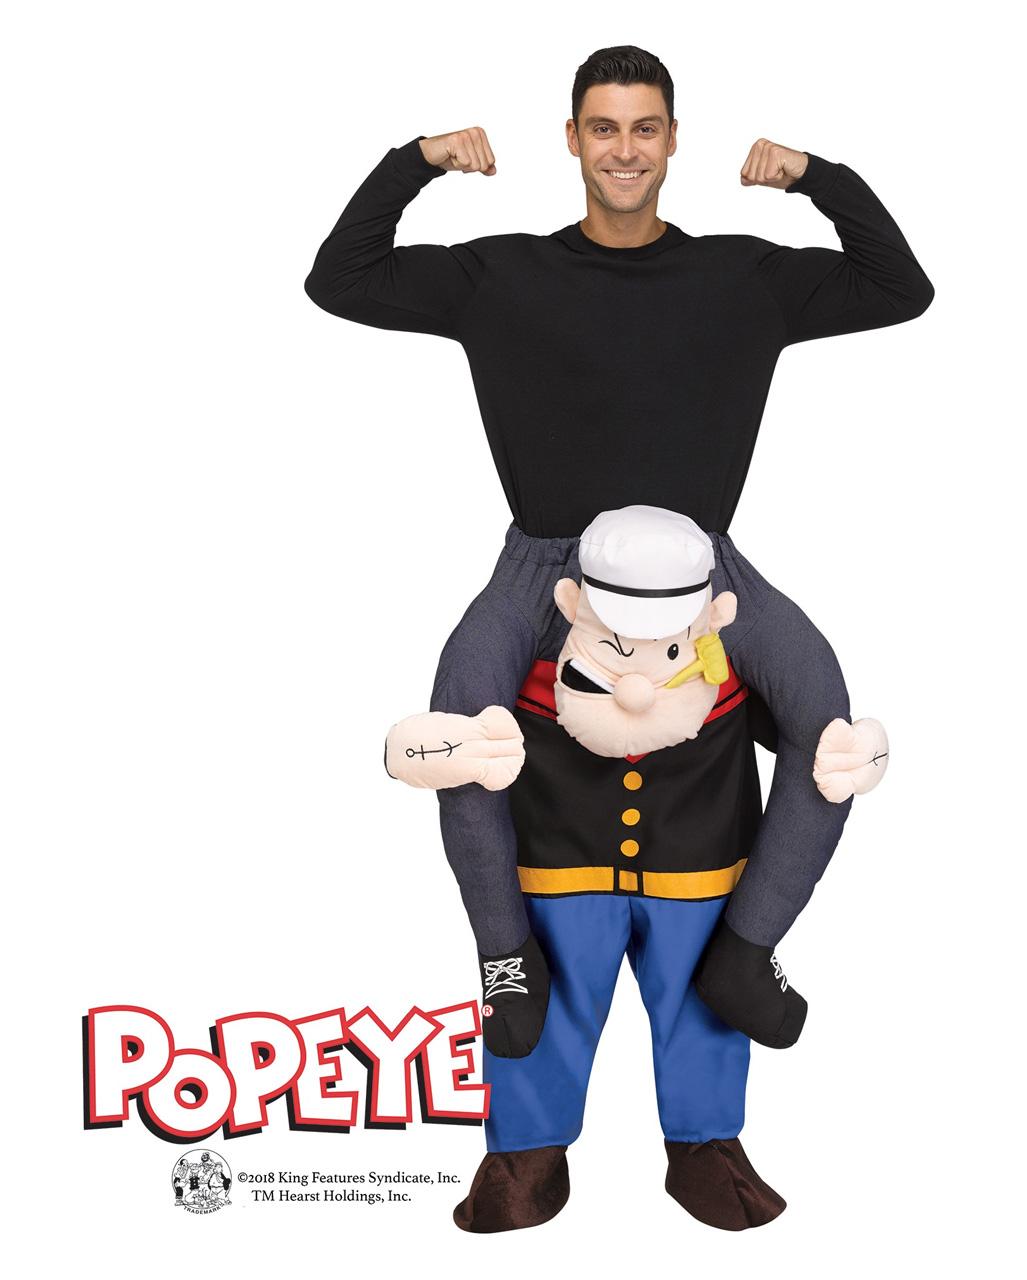 Popeye Carry Me Costume ...  sc 1 st  Horror-Shop.com & Popeye Carry Me Costume | Sailors gag disguise | horror-shop.com